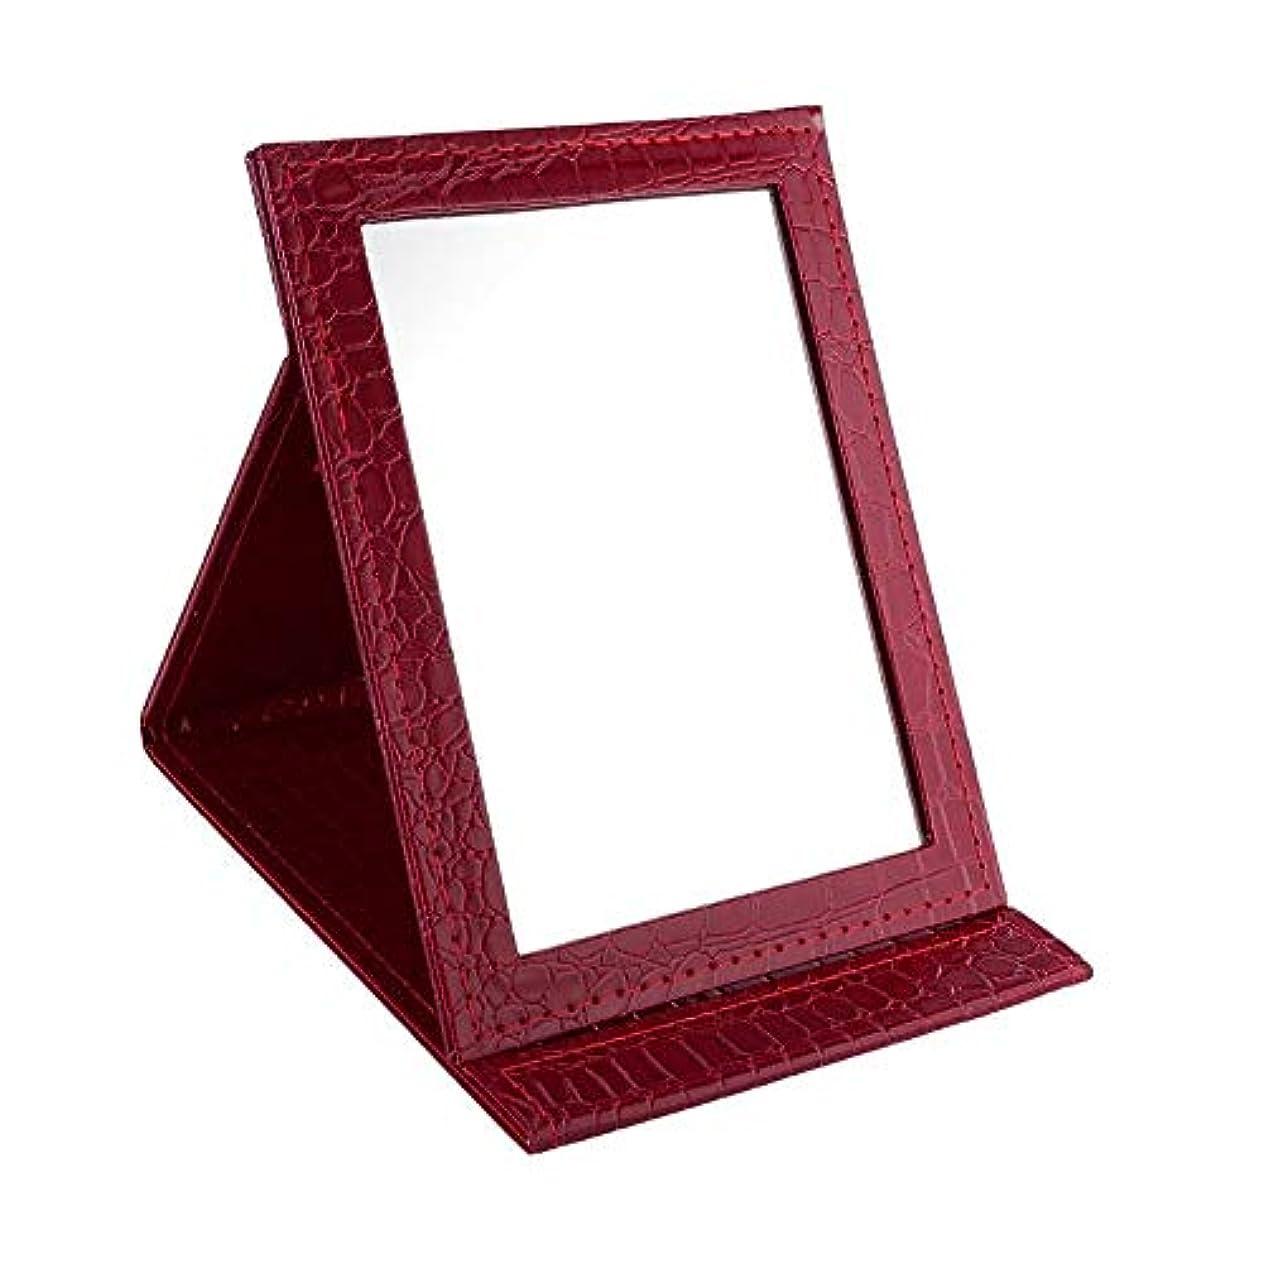 インテリア泥棒ブラウザYummyBuy 化粧ミラー 折りたたみ ミラー 鏡 卓上 化粧 化粧鏡 角度調整自由自在 上質PUレザー使用(クロコダイル?パターン、2サイズ) (大きなサイズ, レッド)